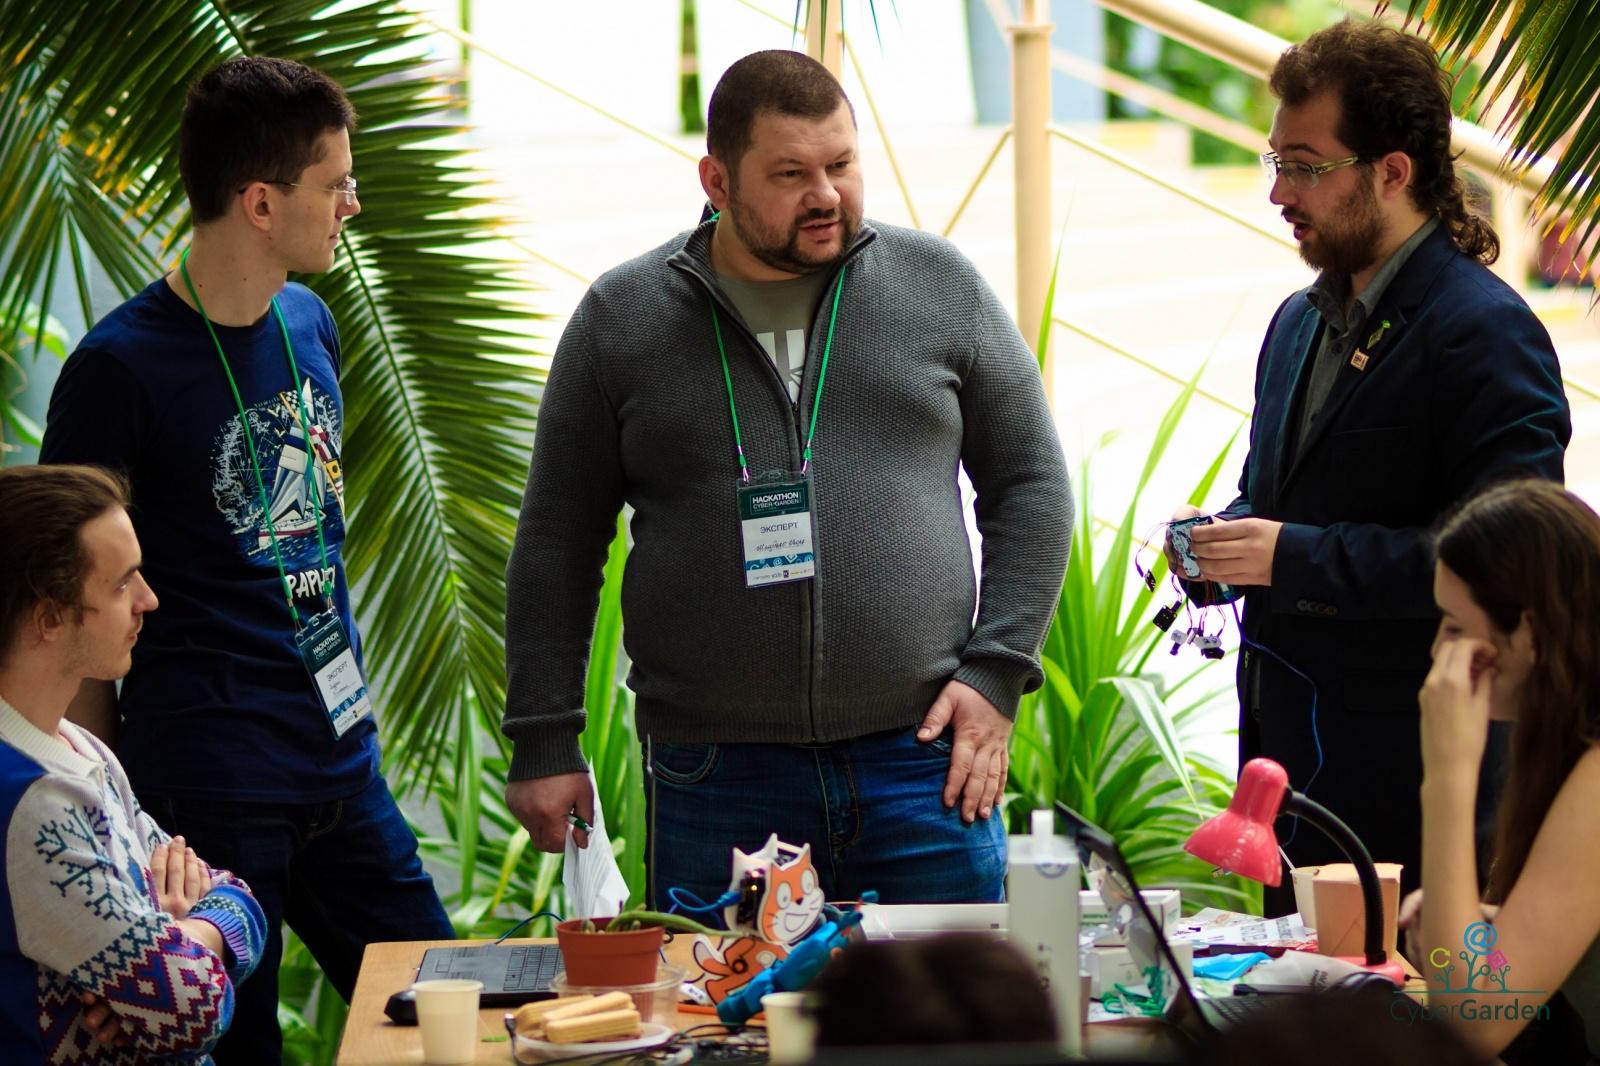 Игорь Шелудько, FSPro Labs: «Работая трекером, я вижу эволюцию множества идей - 1